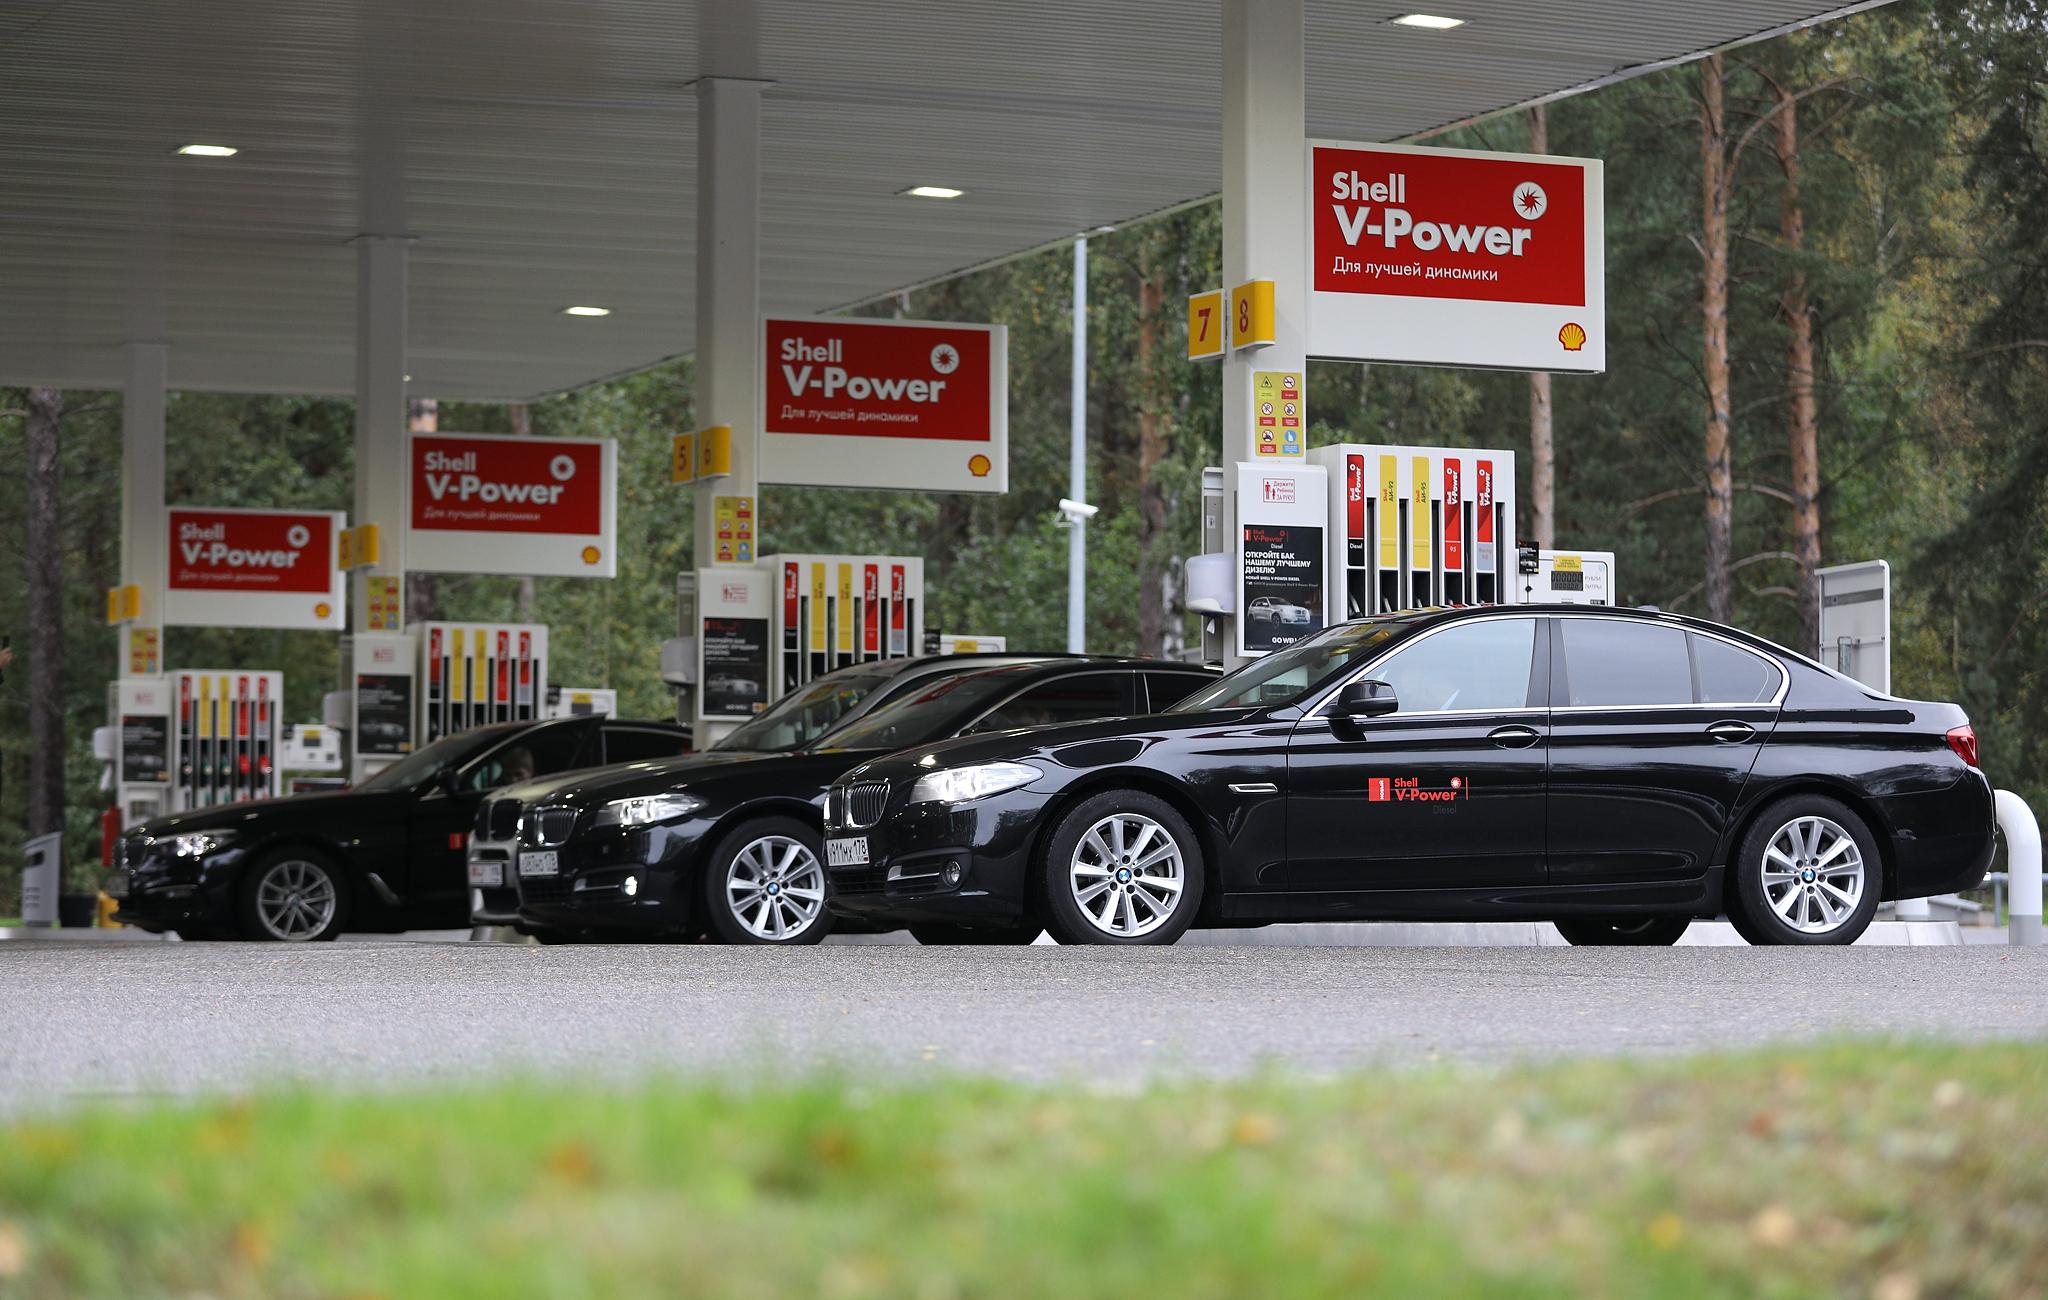 АЗС SHELL предлагает оплачивать топливо через СБП